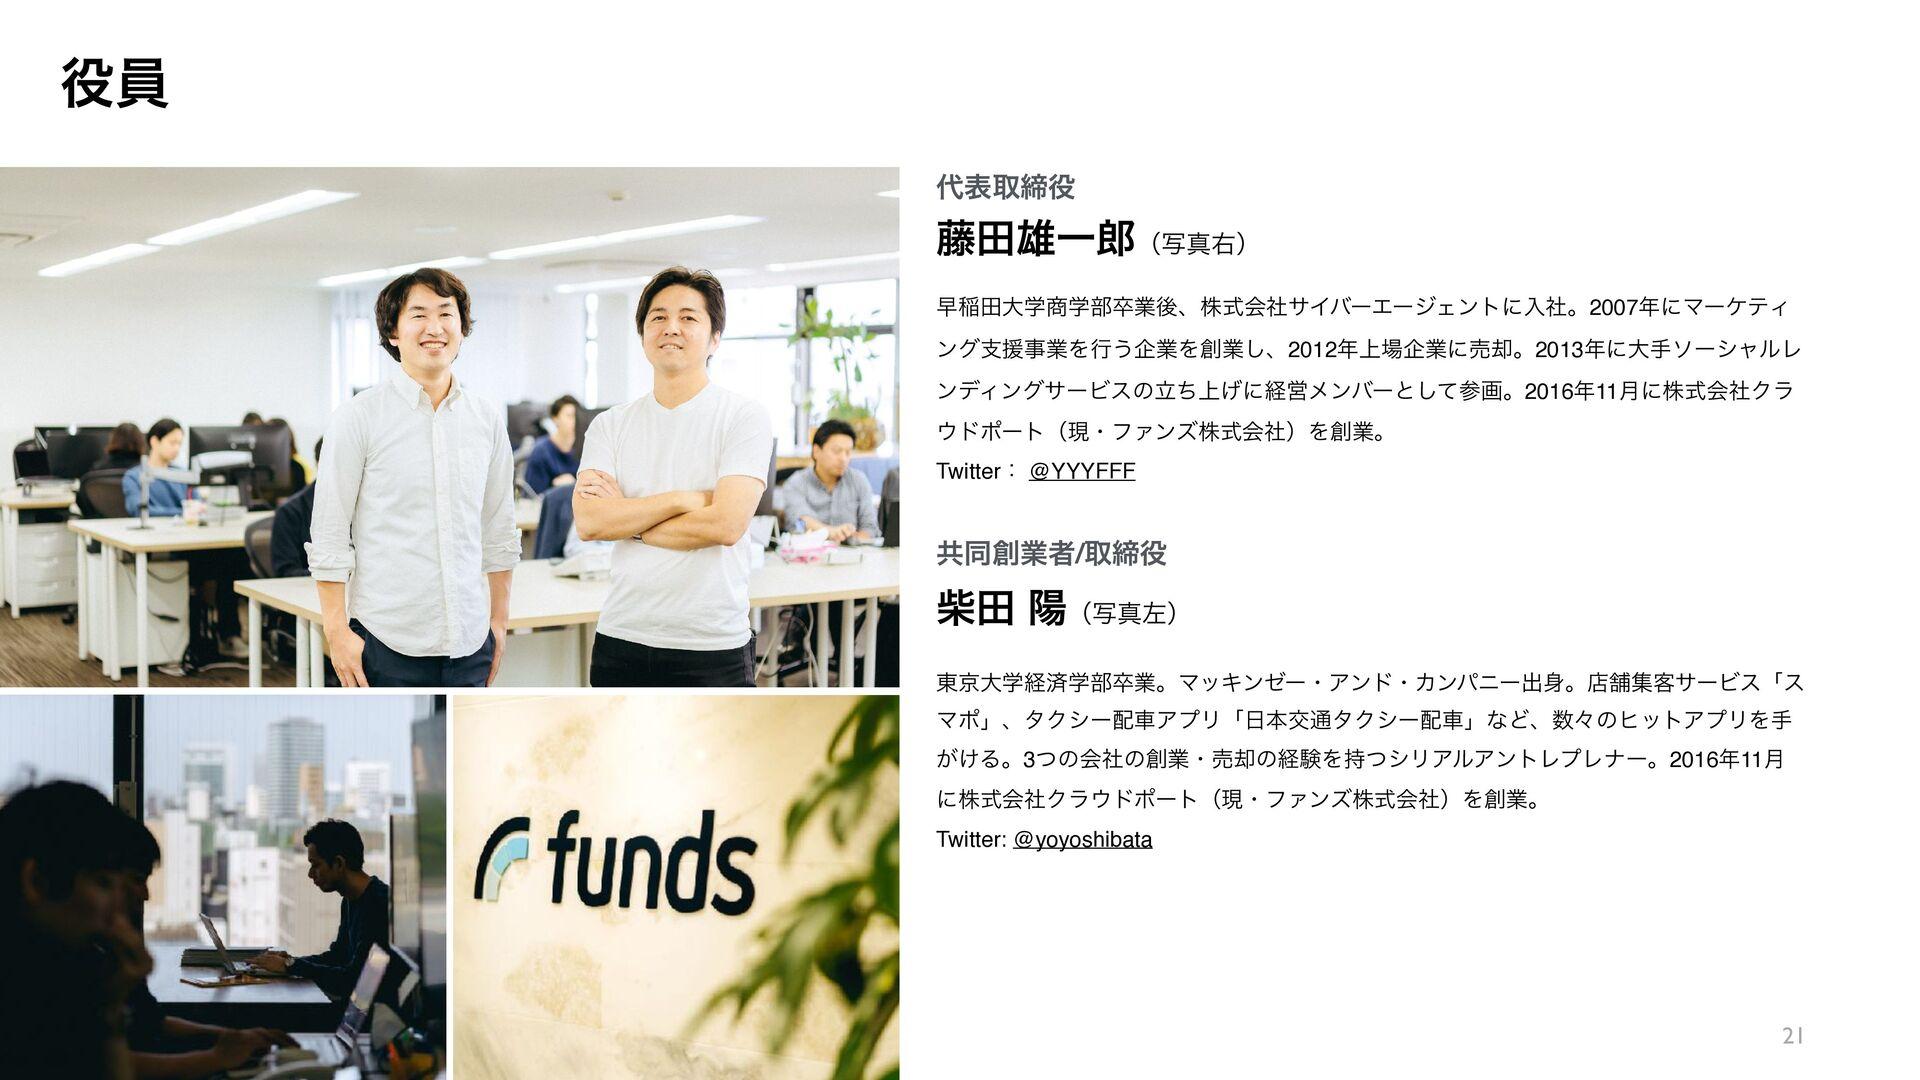 © 2021 Funds, Inc. һ 21 දऔక ౻ా༤Ұʢࣸਅӈʣ ૣҴాେֶ...